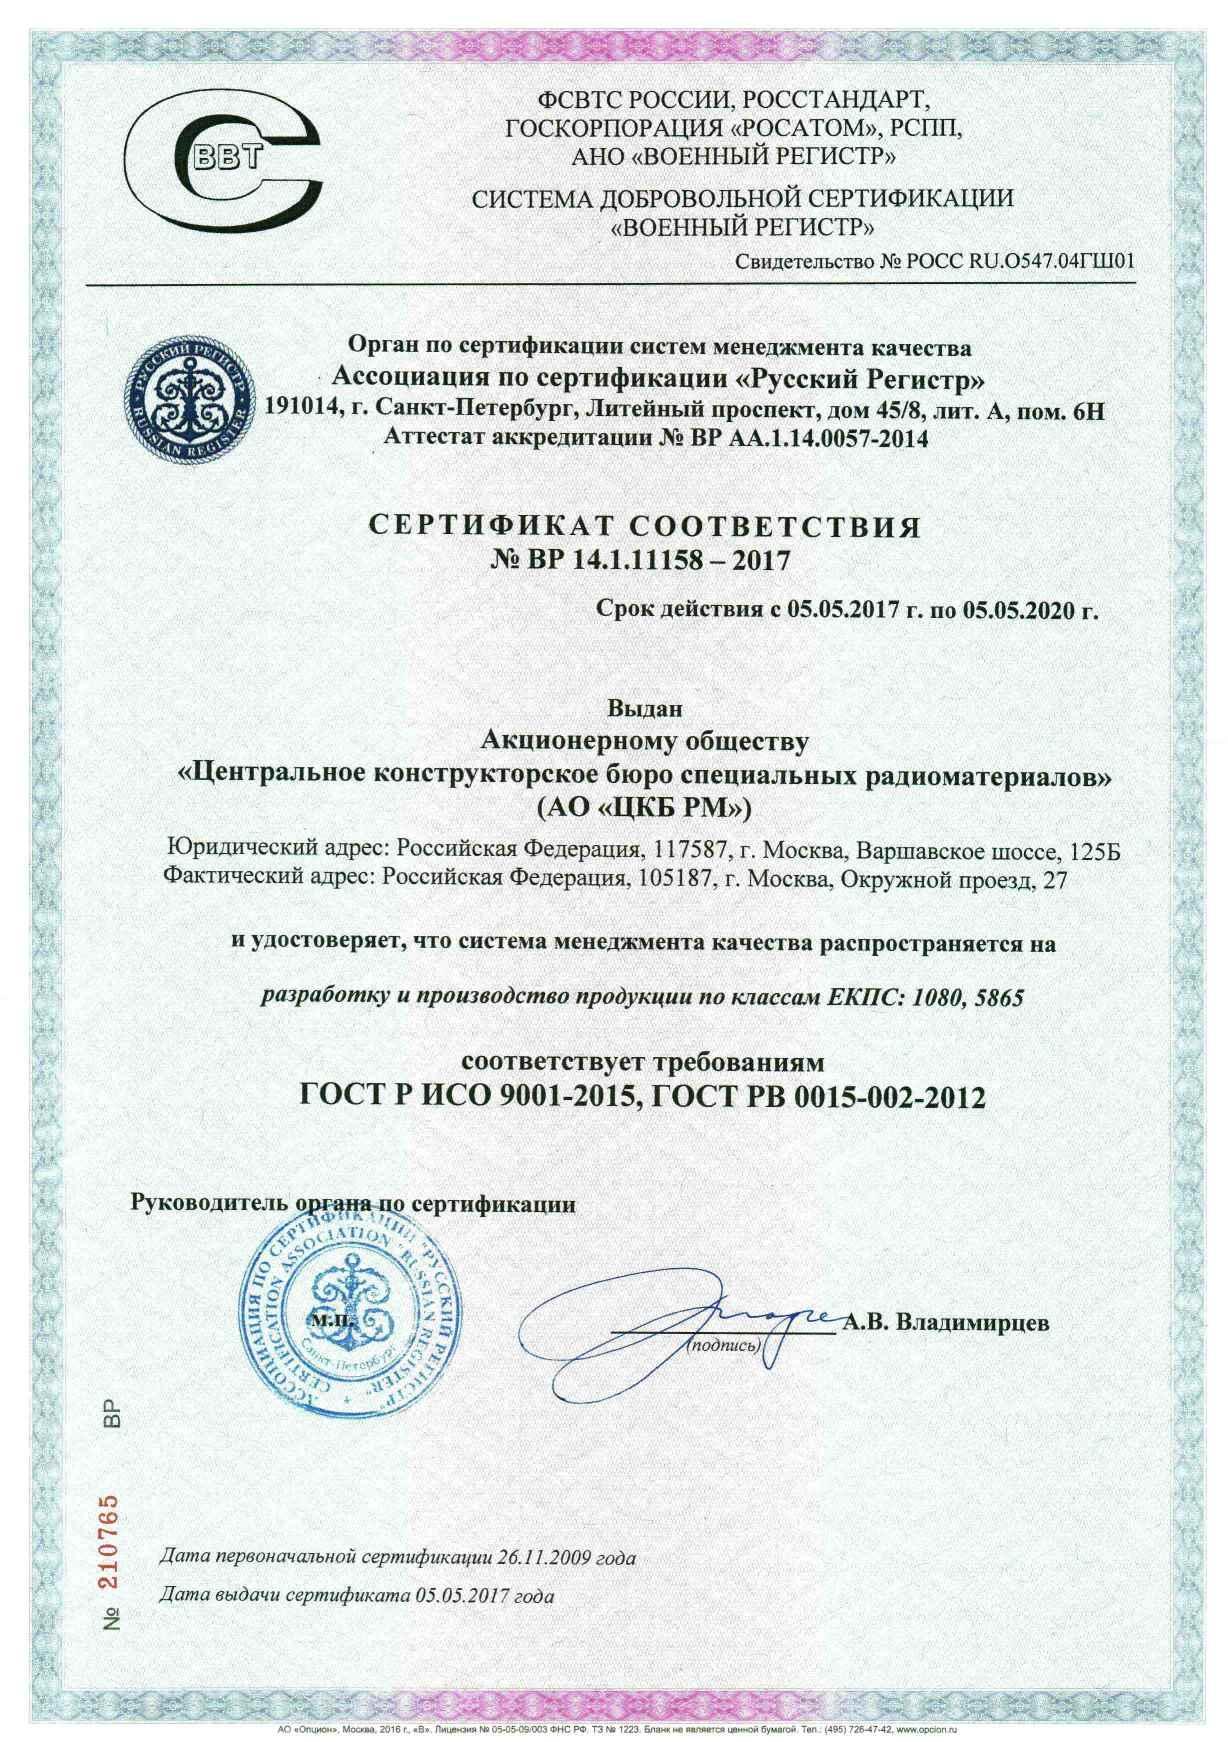 Сертификат соответствия ISI9001